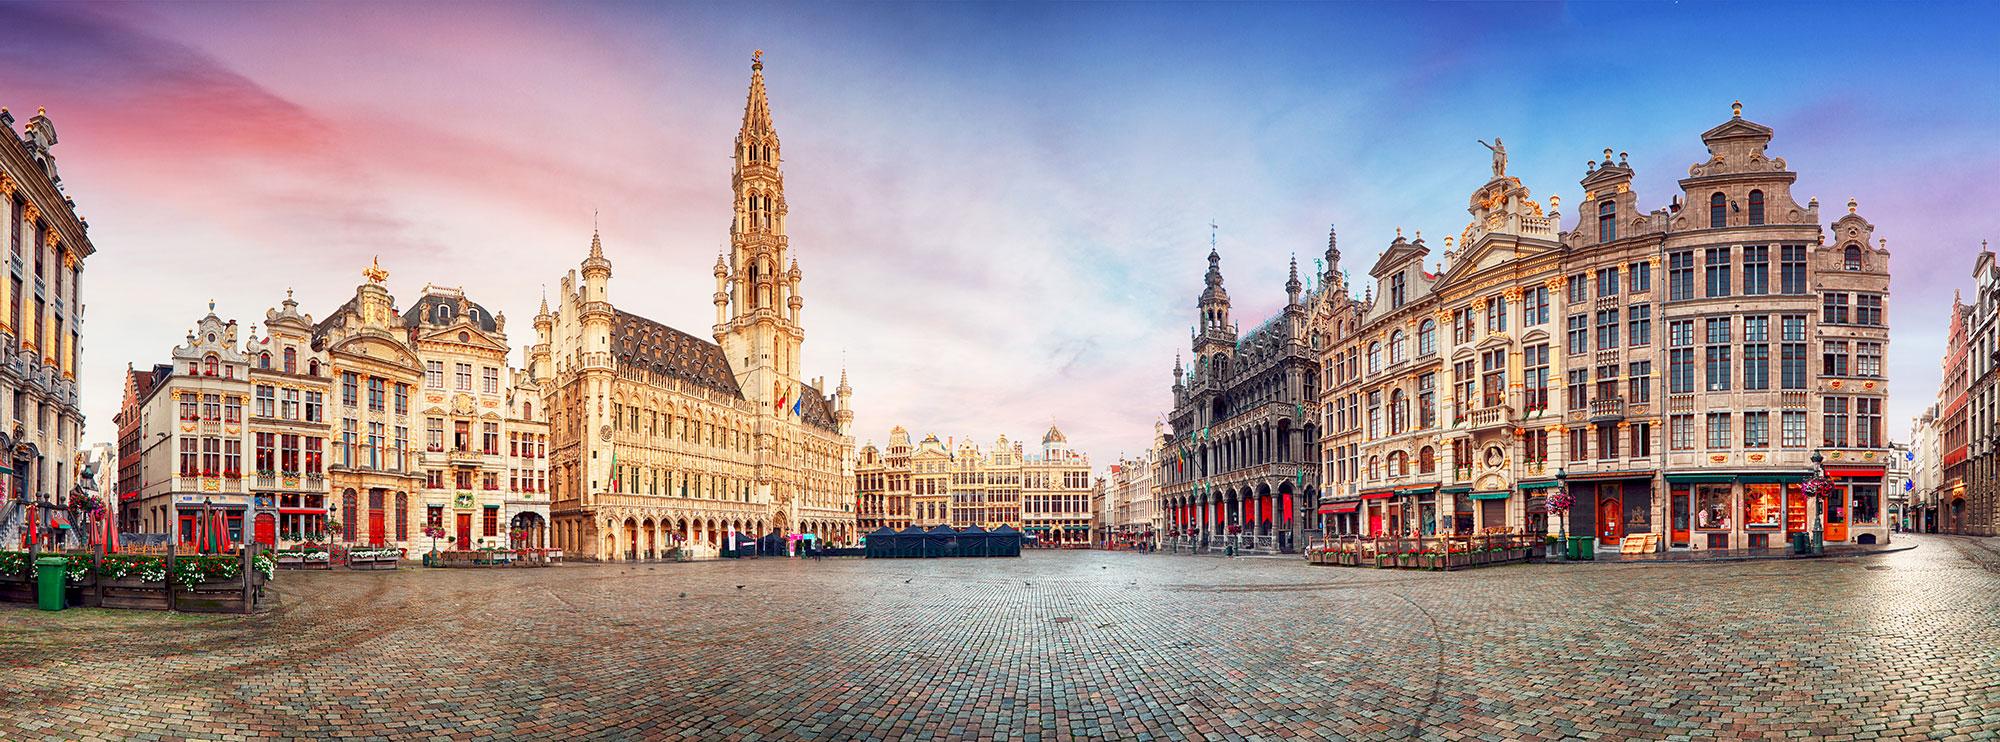 Bruxelles-Ville : la bonne gouvernance doit être la priorité